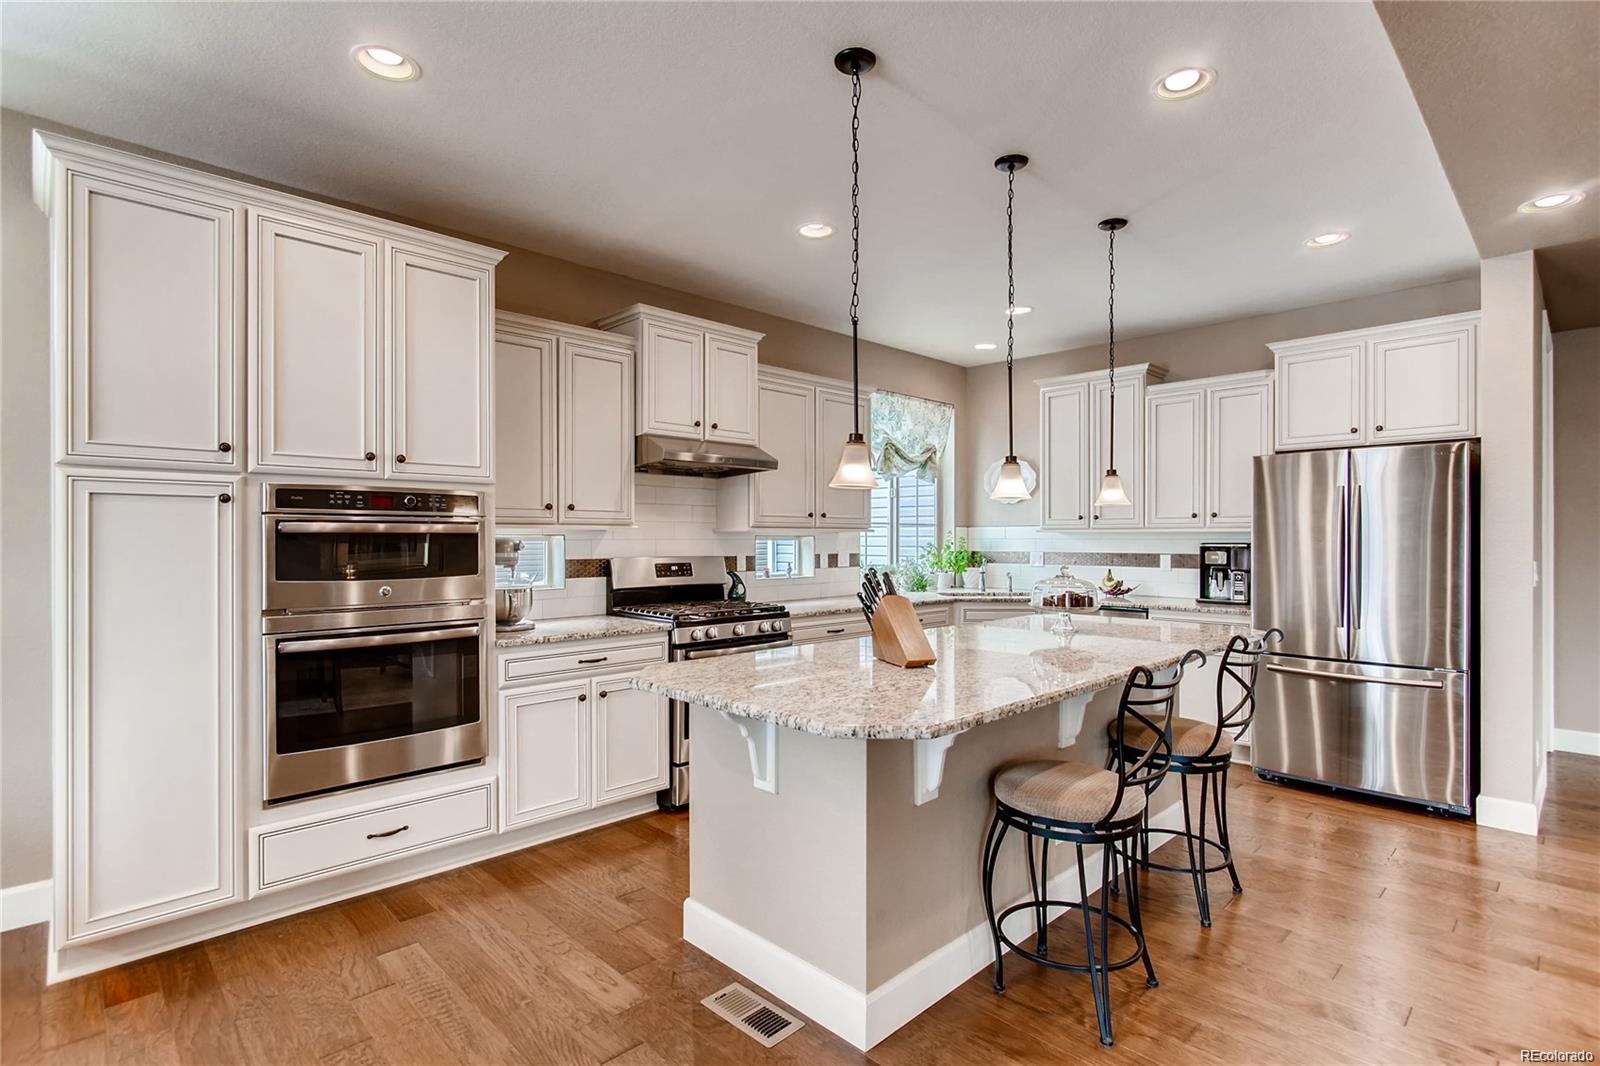 5506 Himalaya Court, Denver, CO 80249 - Denver, CO real estate listing